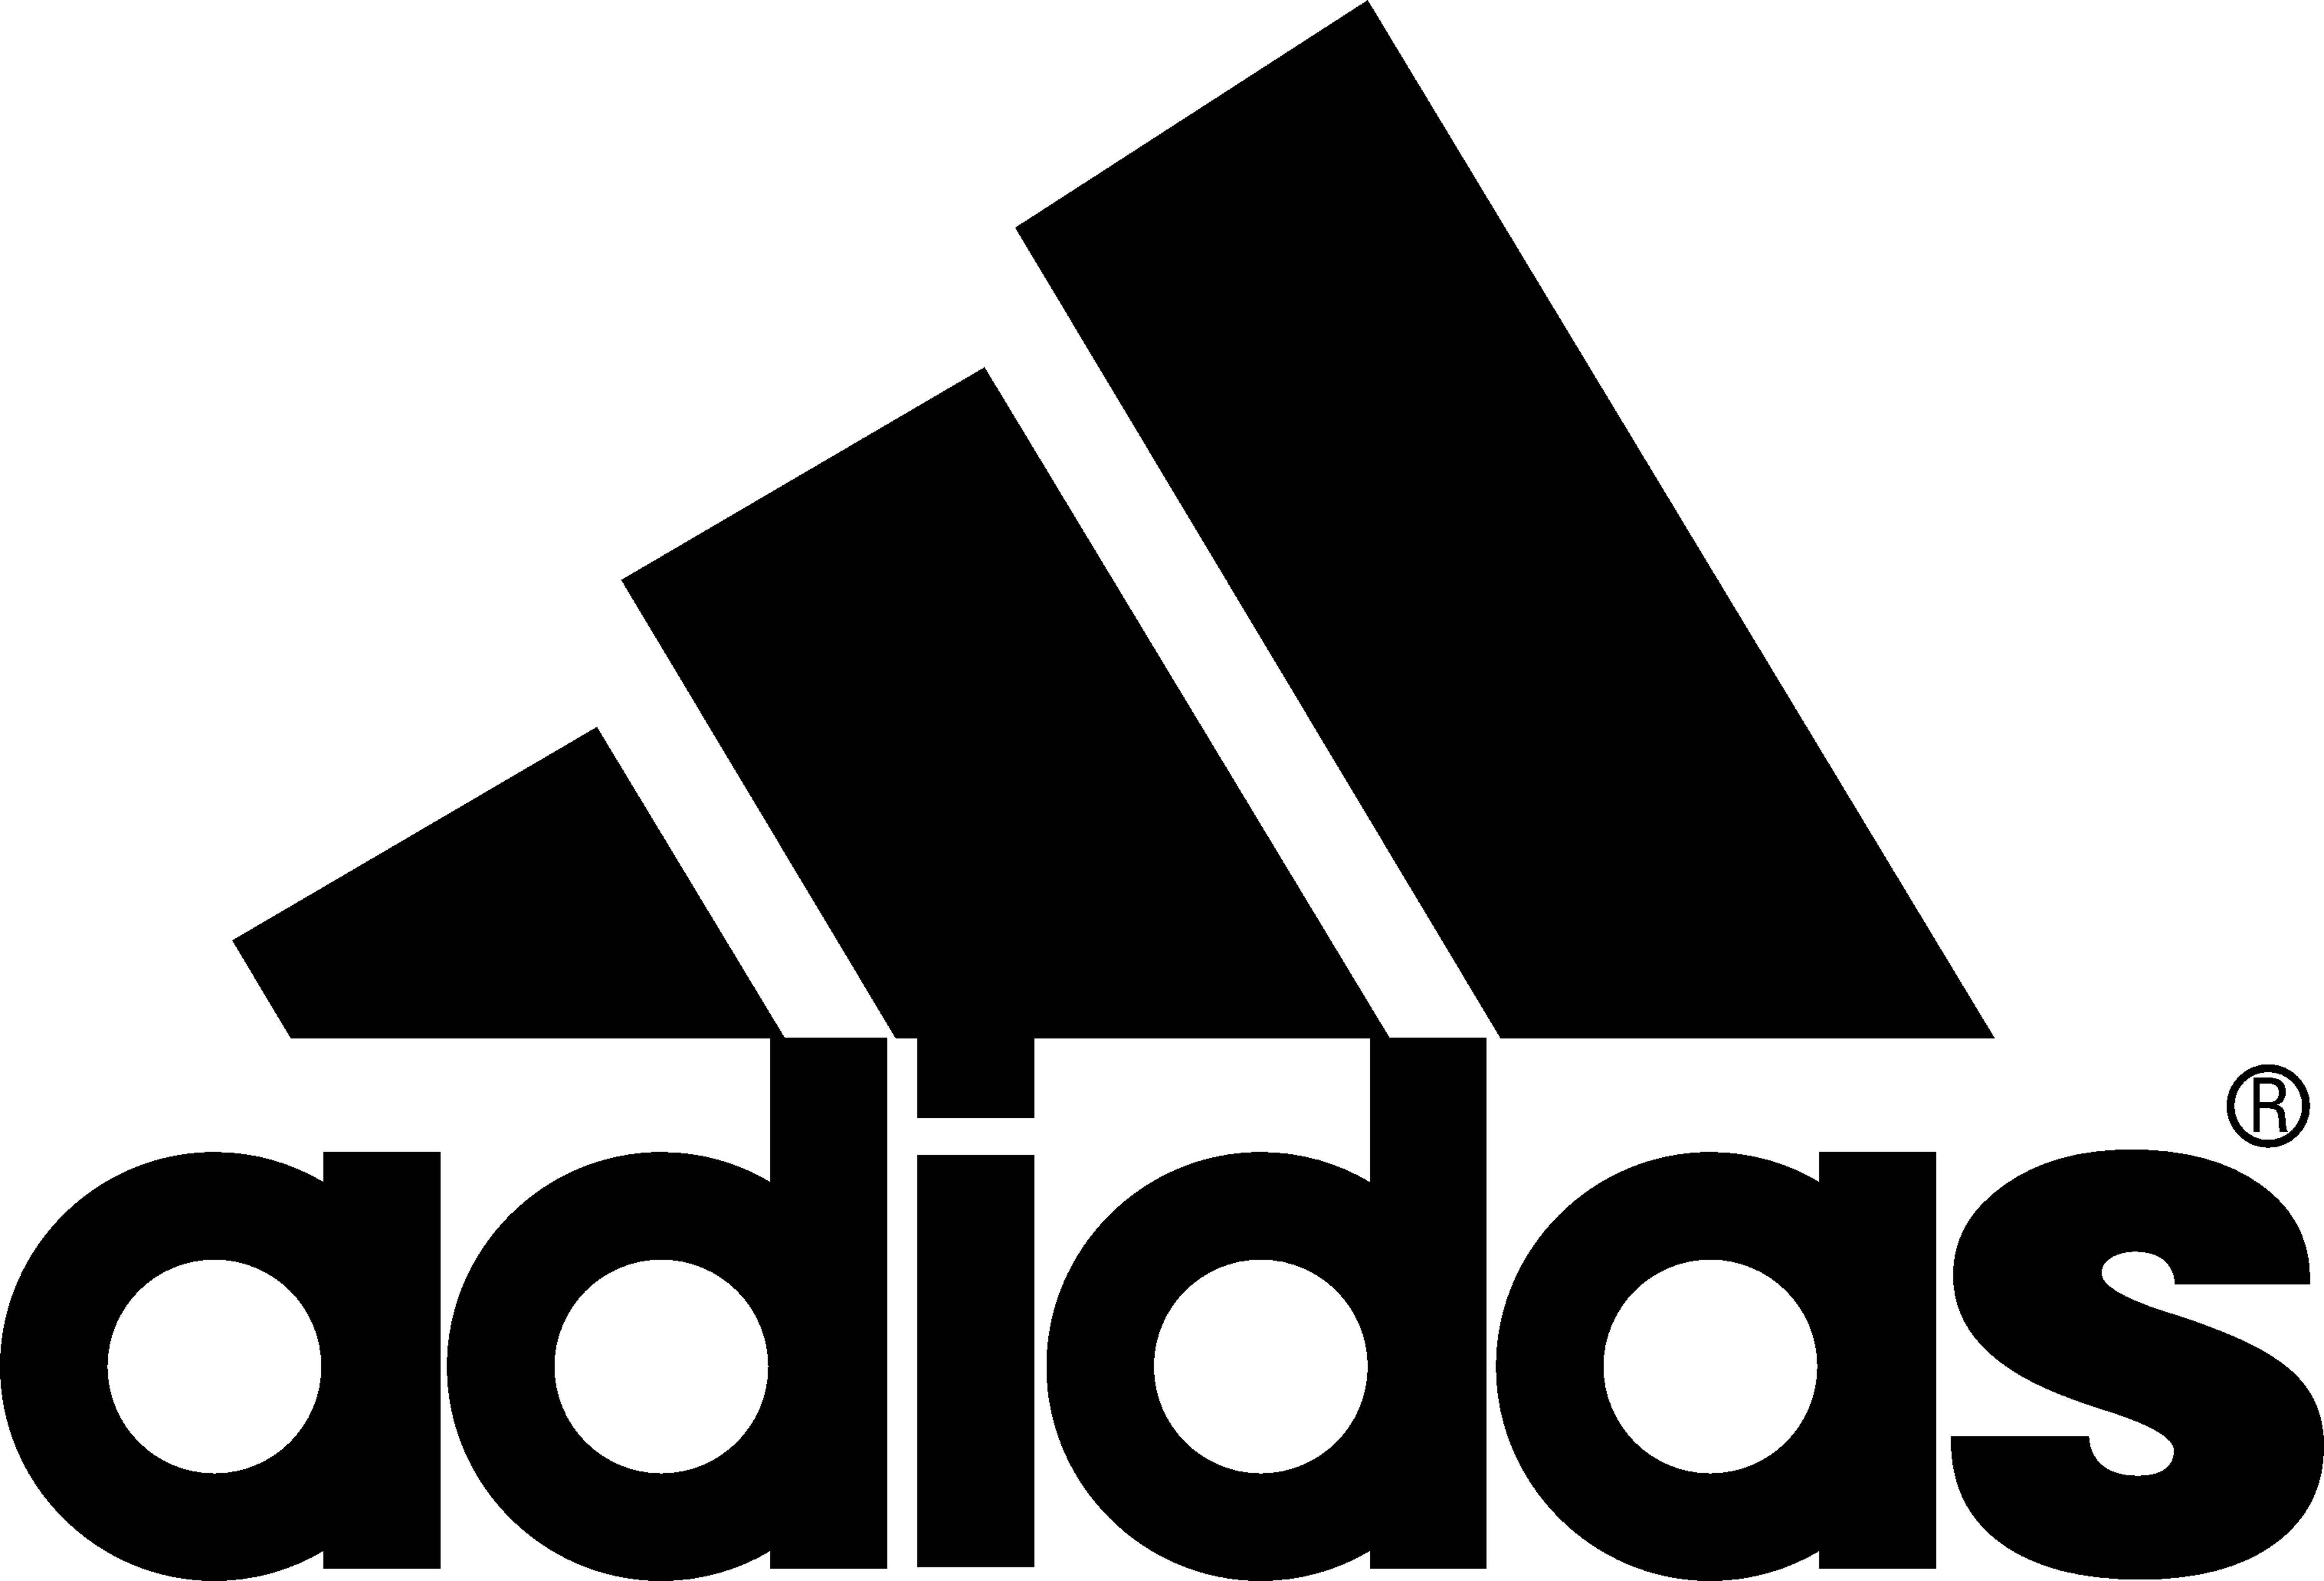 This Logo Uses 3 Pillars To Form A Mountain Logo Pinterest